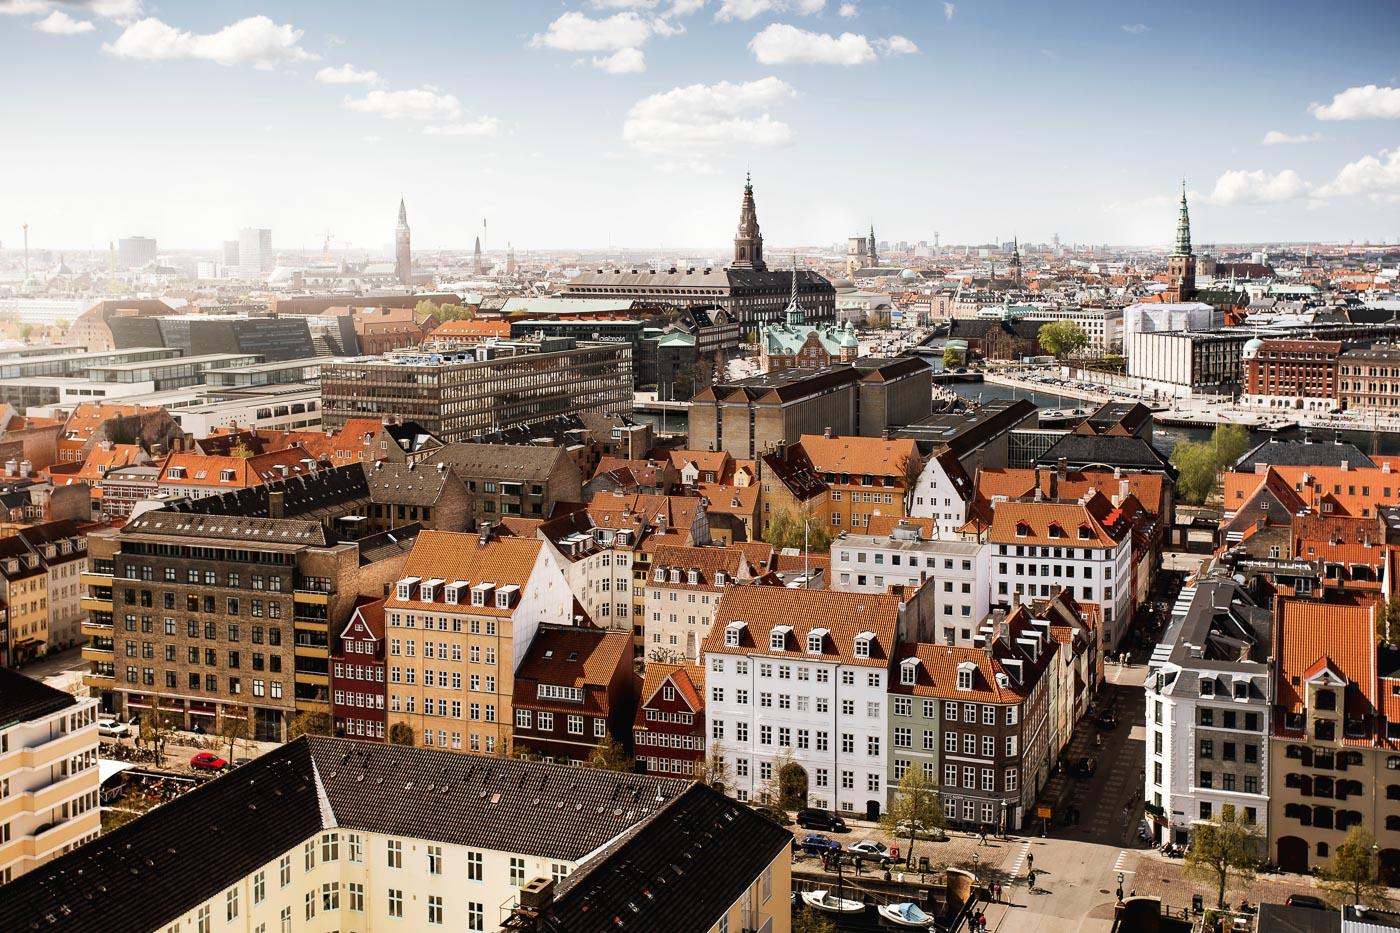 Kopenhagen Panorama von oben